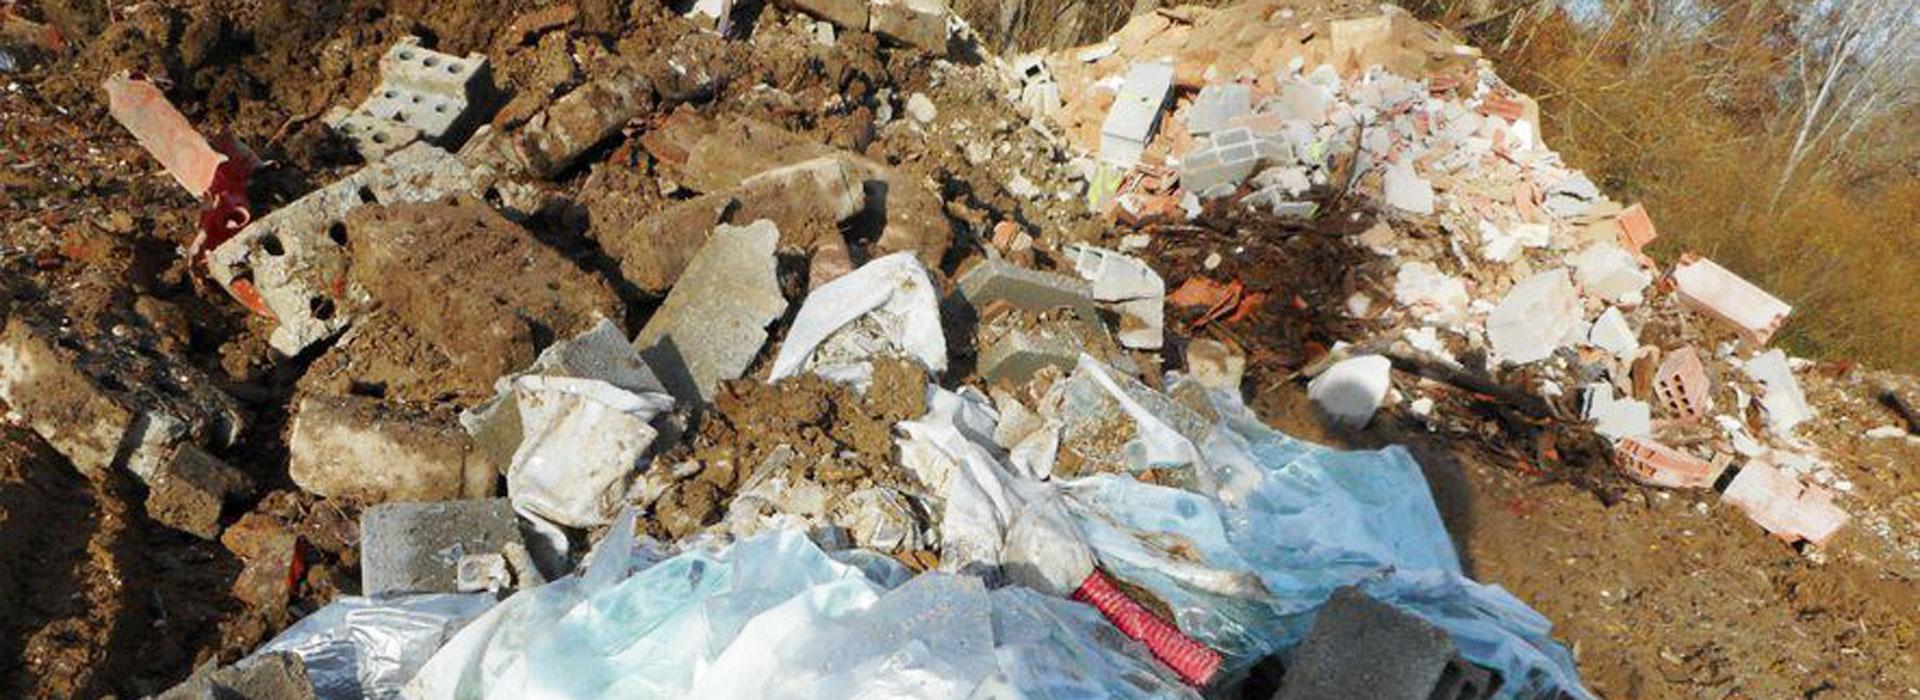 stockage de déchets - Réglementation